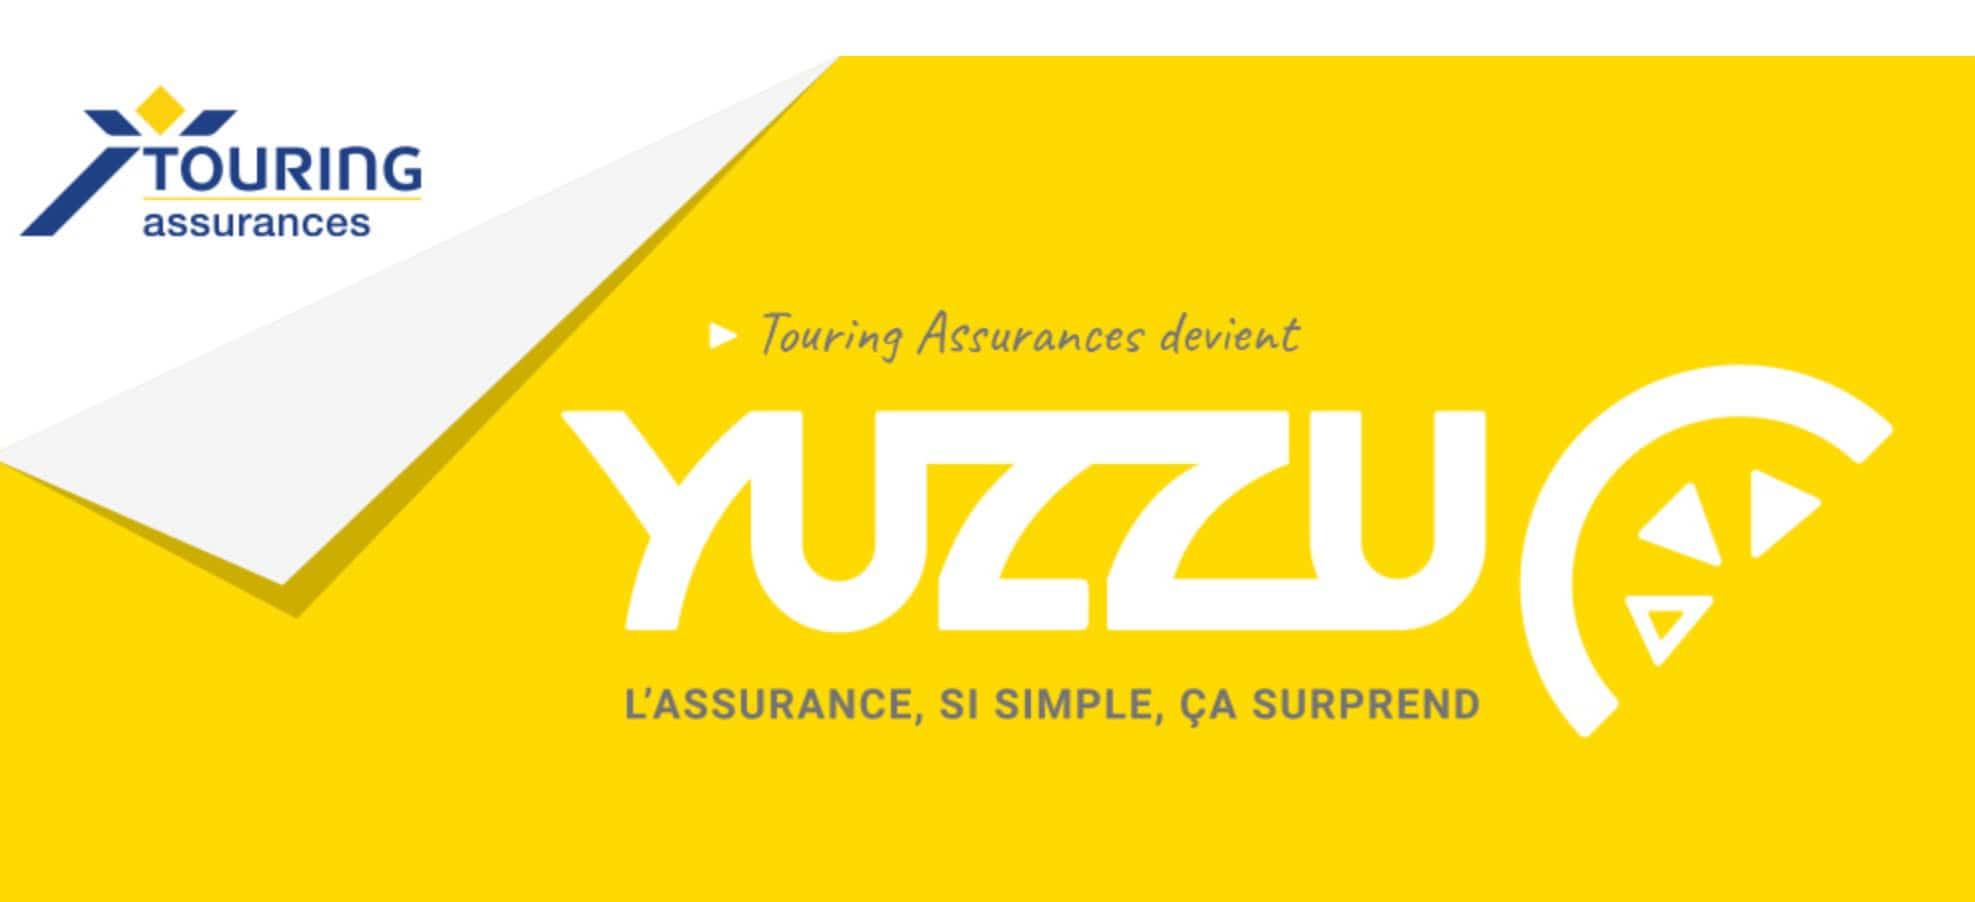 assurance yuzzu